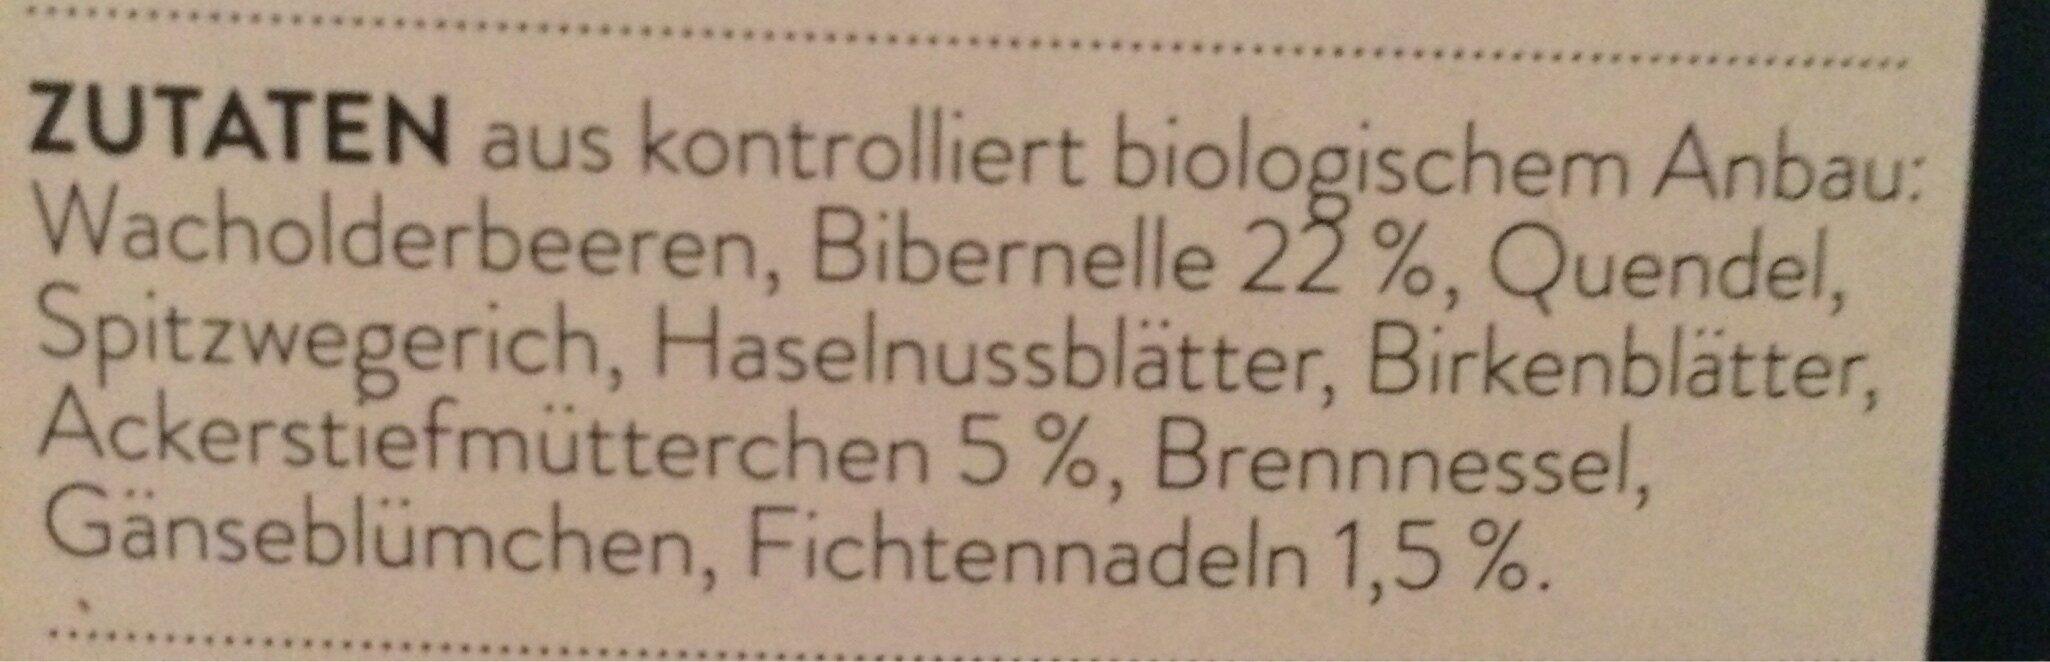 Wild Sein Bio Kräuter-Gewürztee - Ingredienti - fr